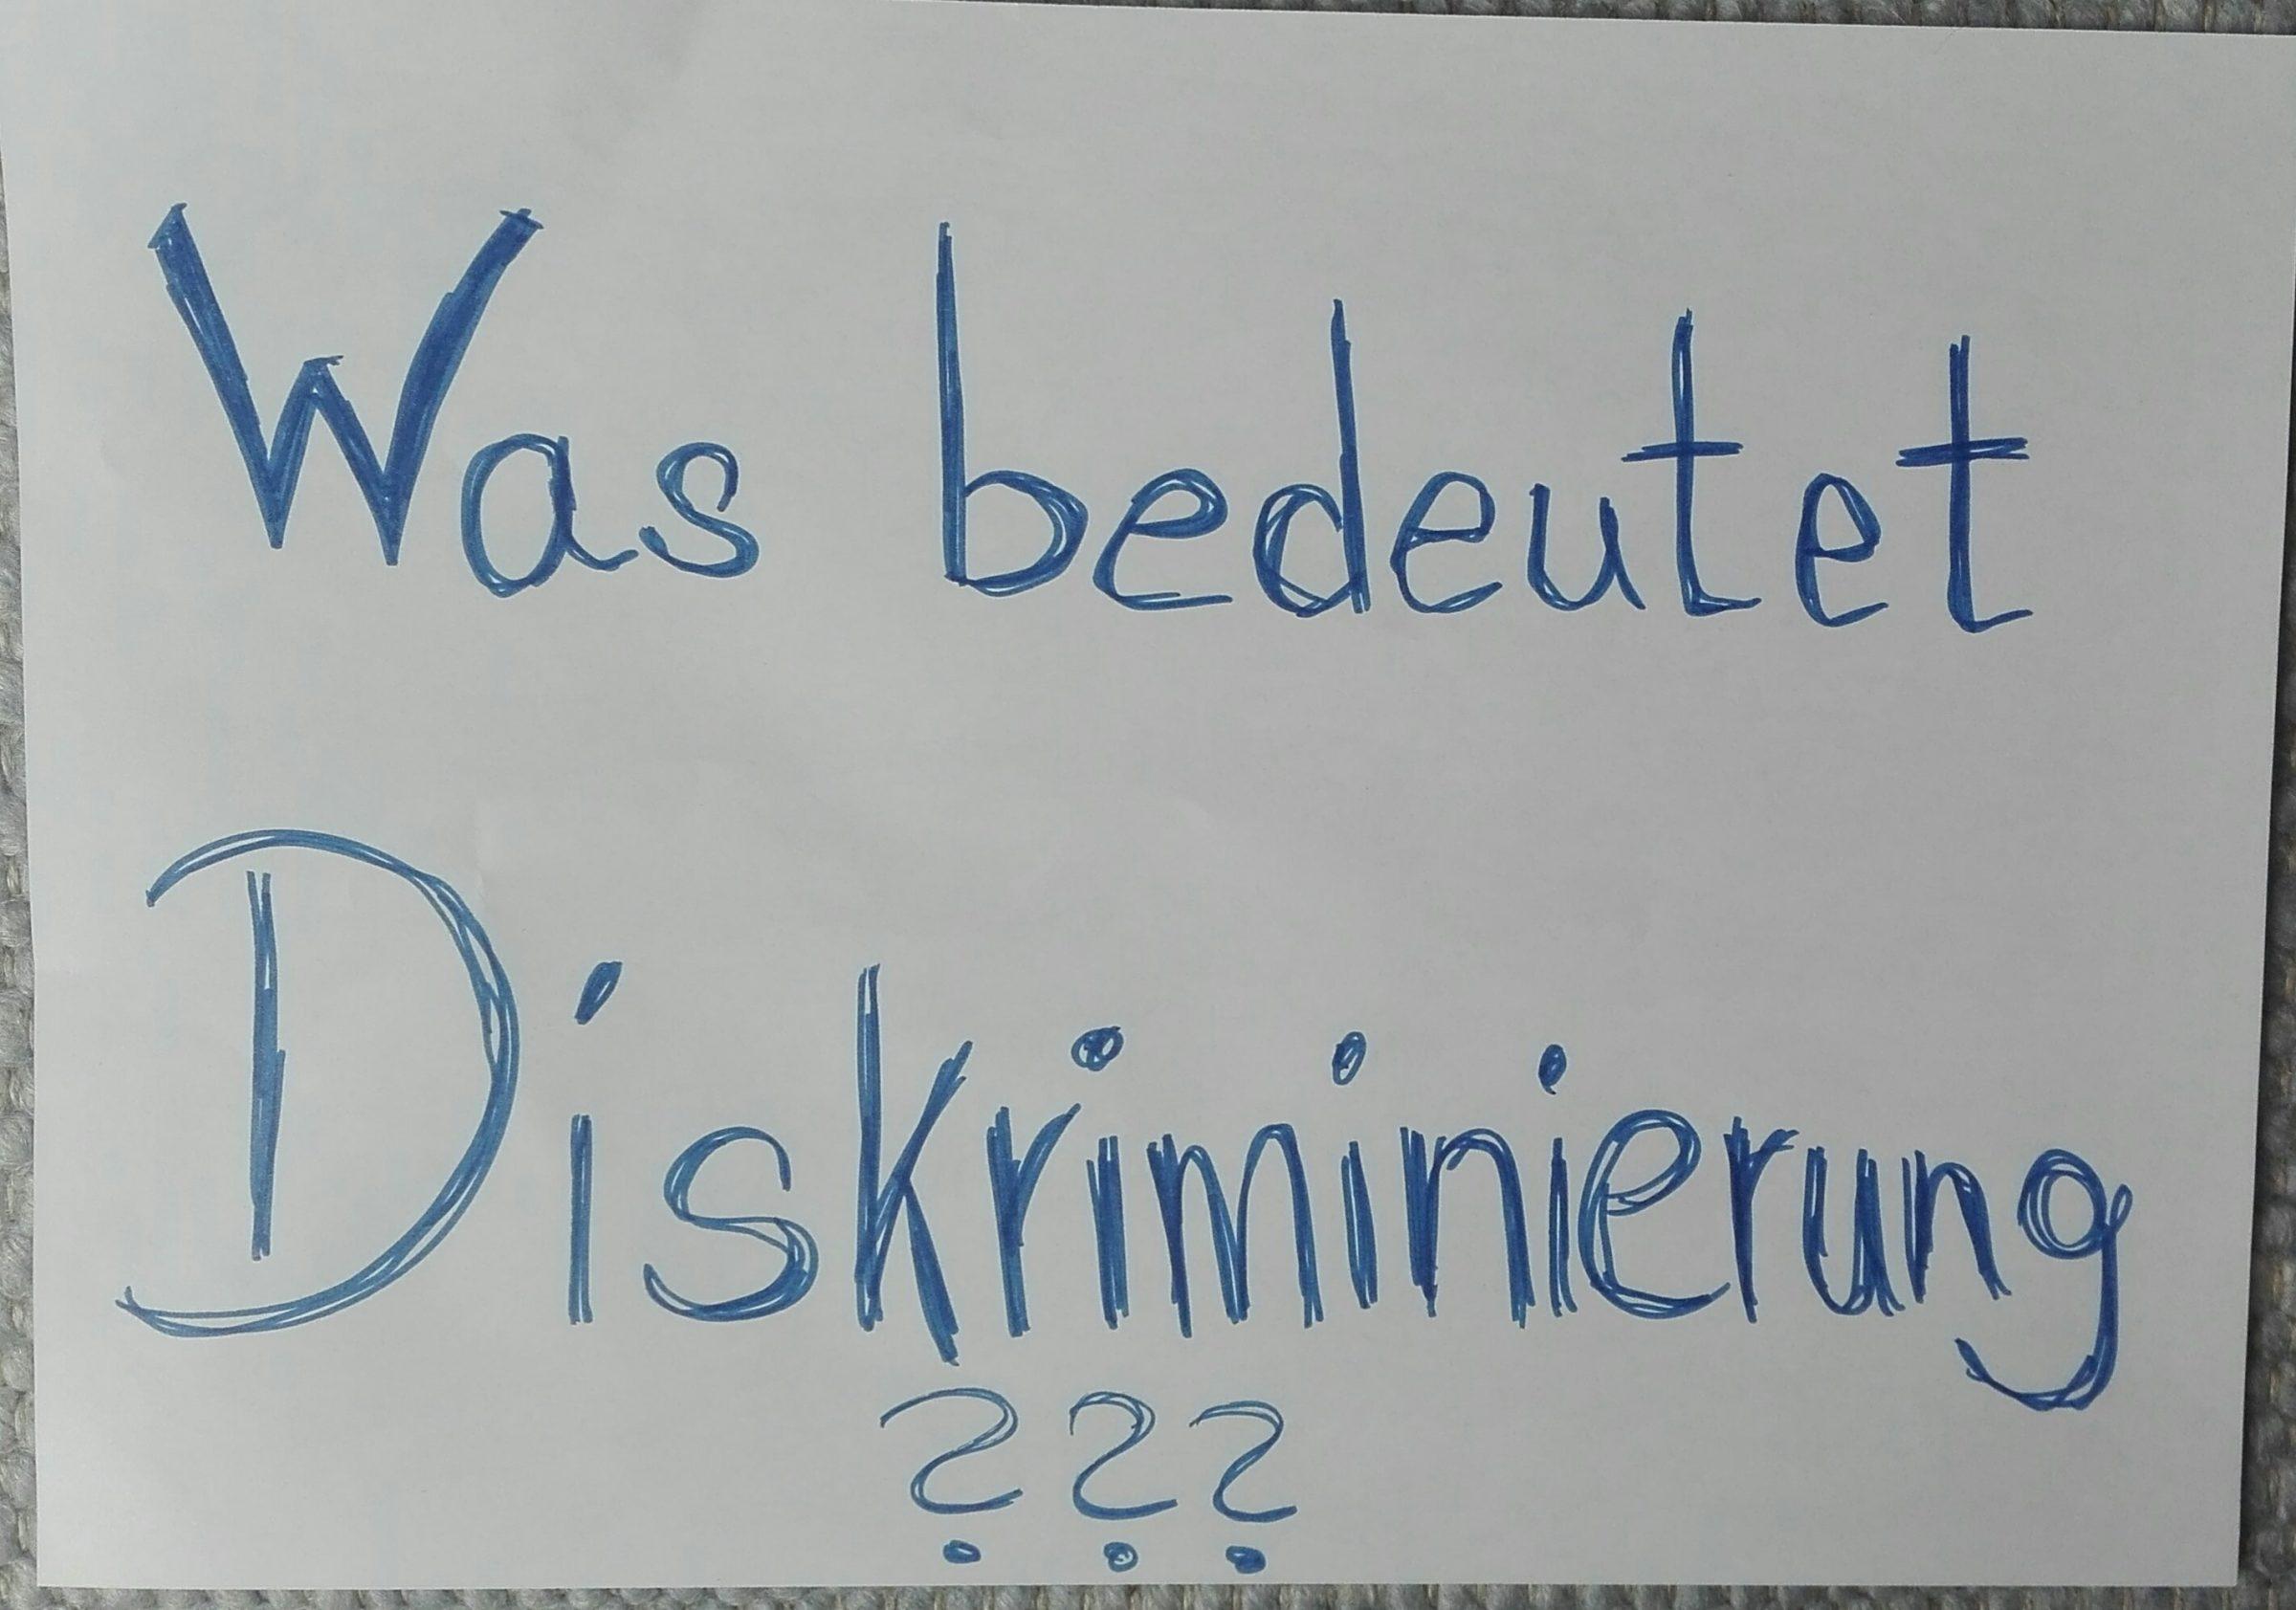 Thema: Diskriminierung